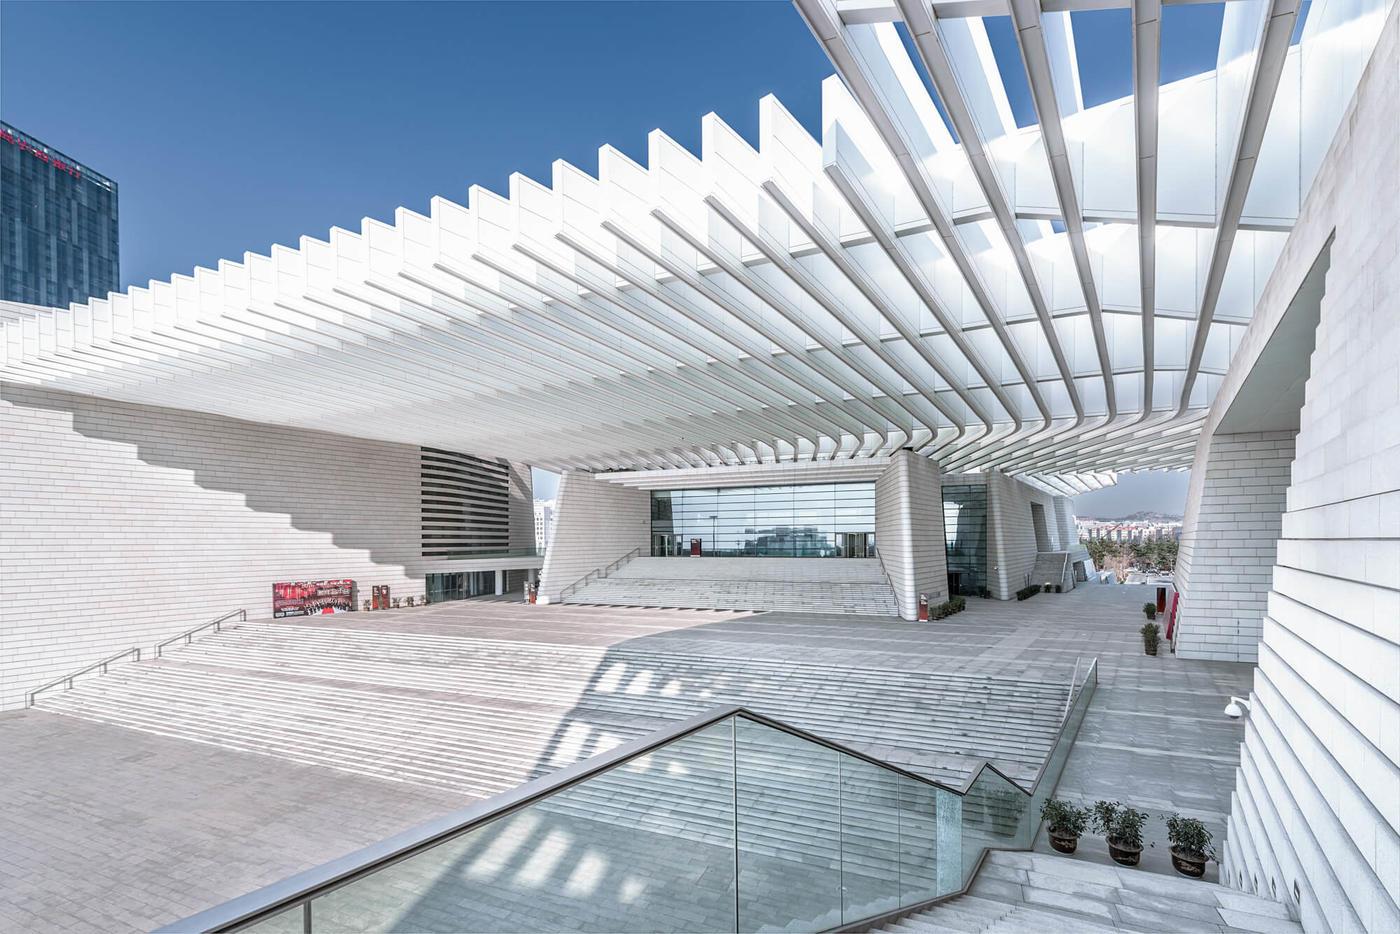 不回避阳光的建筑:青岛大剧院-建筑方案-筑龙建筑设计图片